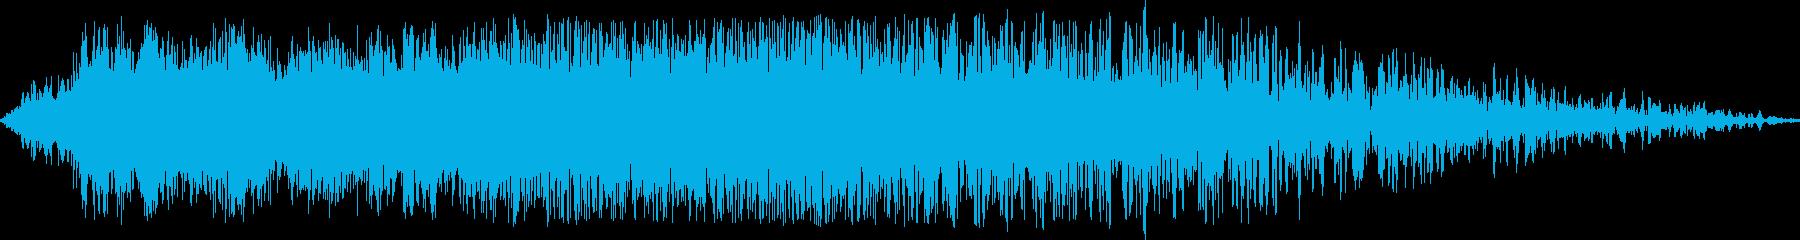 旅客機上空通過(200M離れた位置)の再生済みの波形